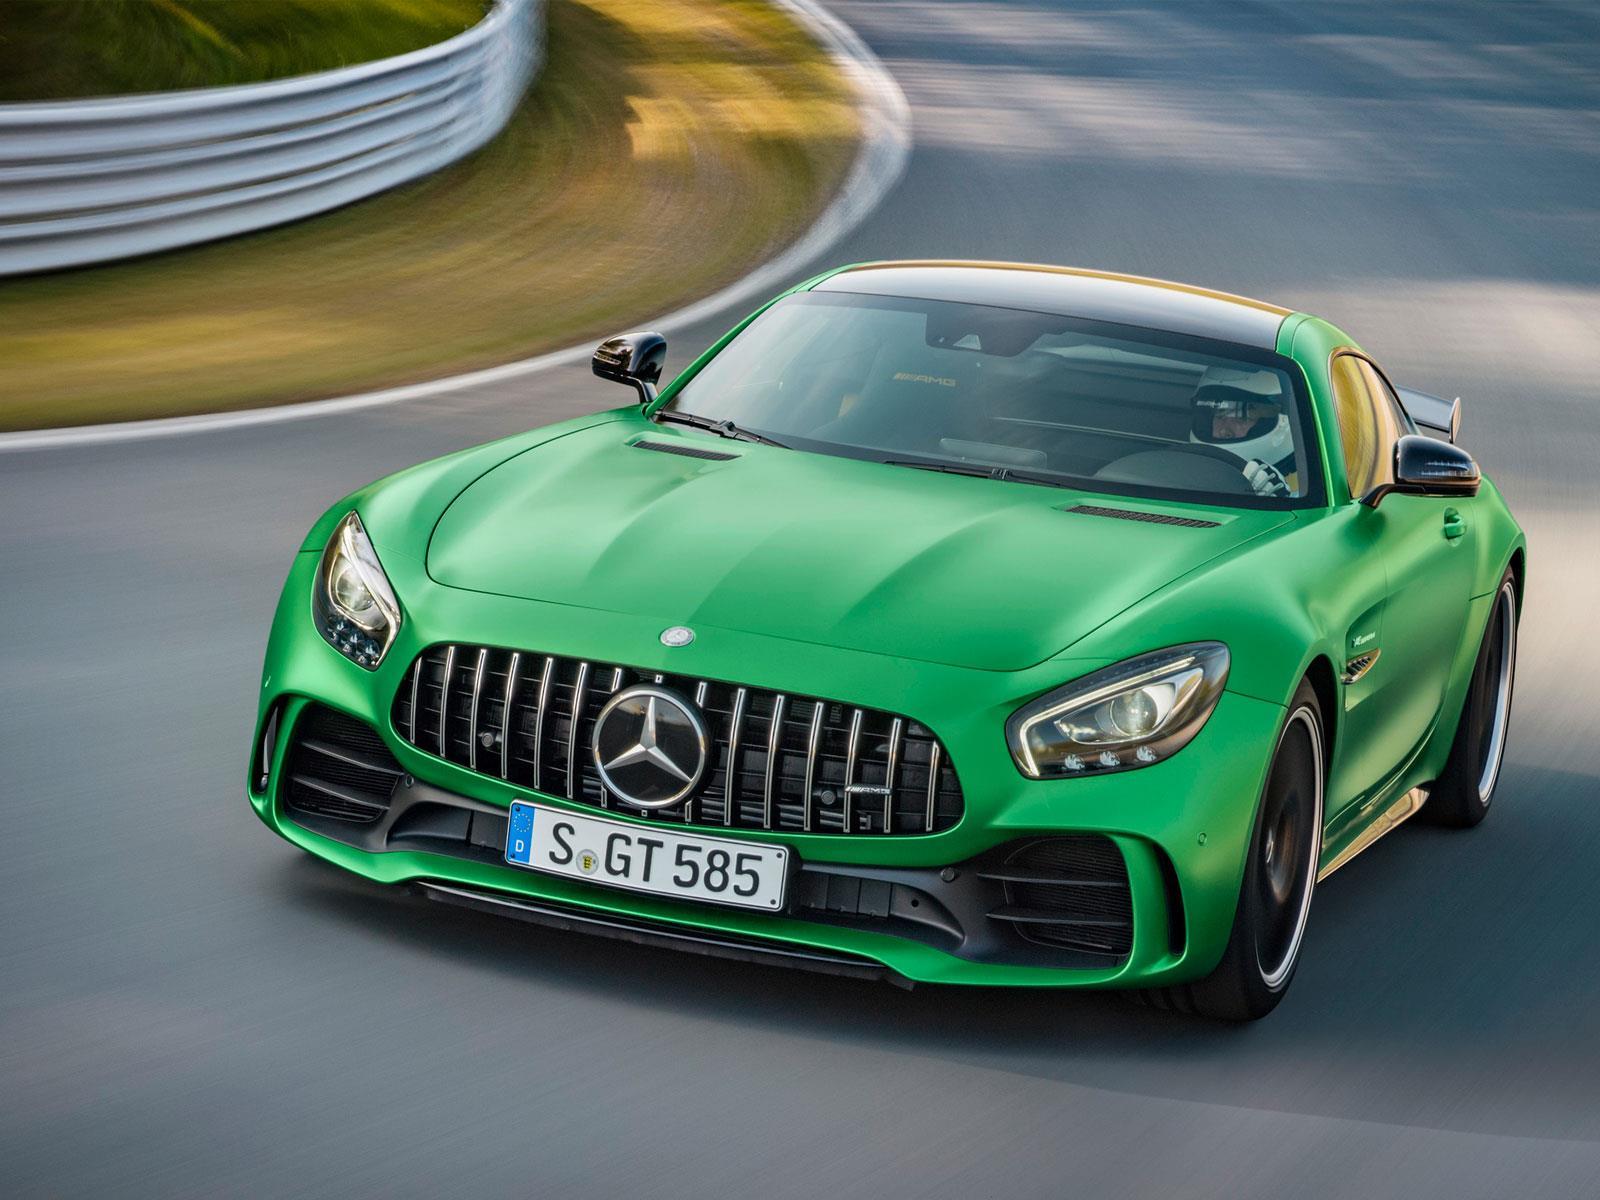 Mercedes-AMG GT R, el infierno es verde - Autocosmos.com